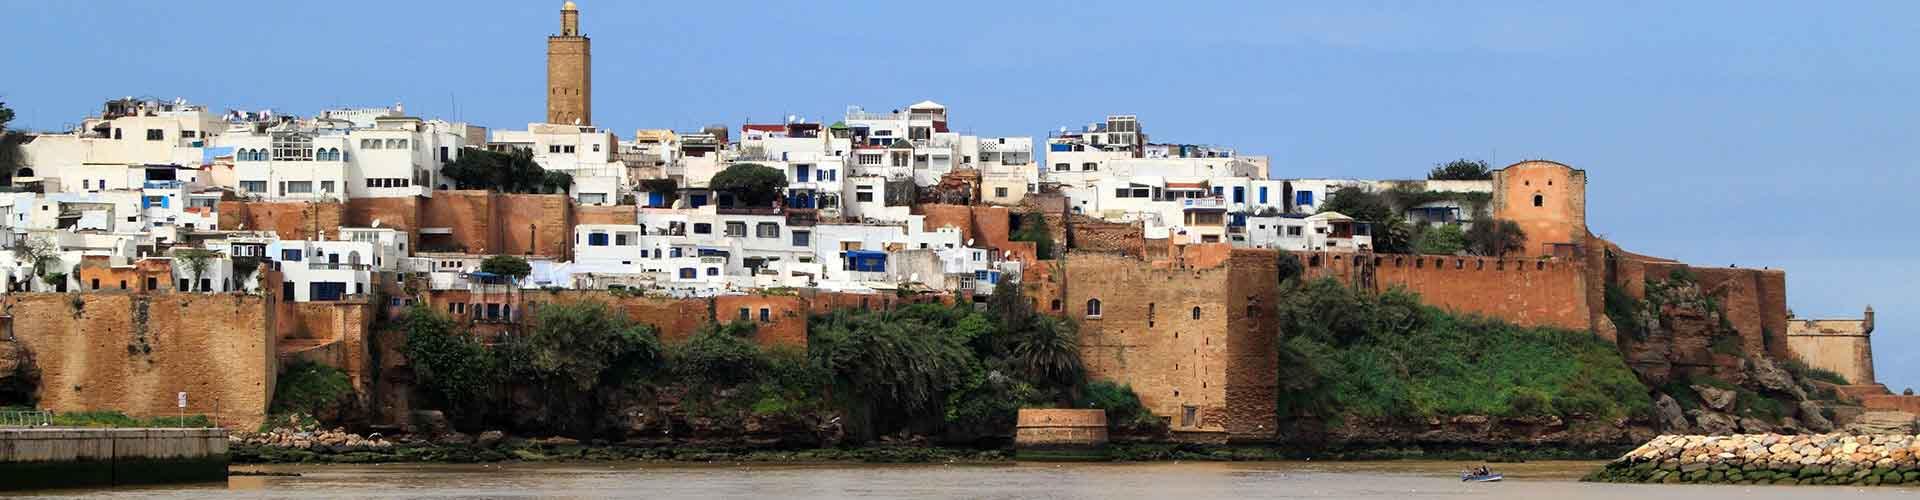 Rabat - Apartamentos en Rabat. Mapas de Rabat, Fotos y comentarios de cada Apartamento en Rabat.